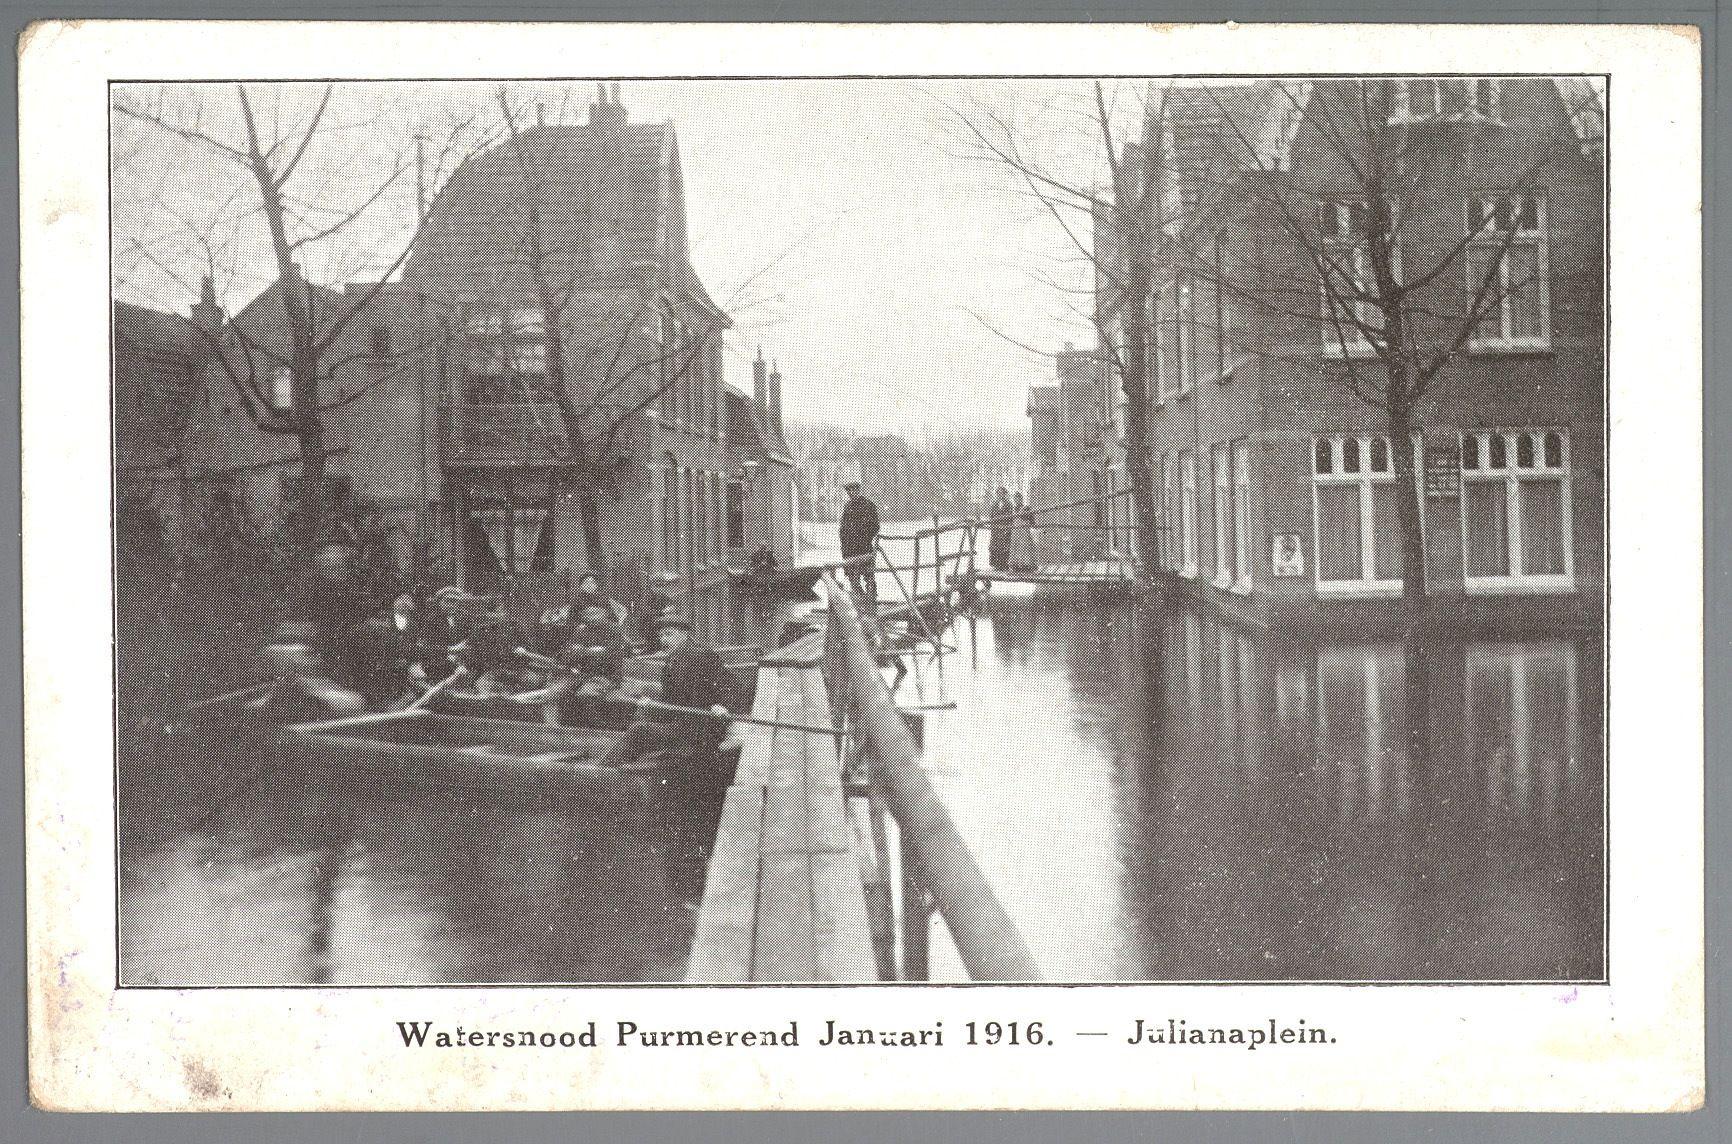 Ondergelopen Julianaplein tijdens de Watersnoodramp van 1916